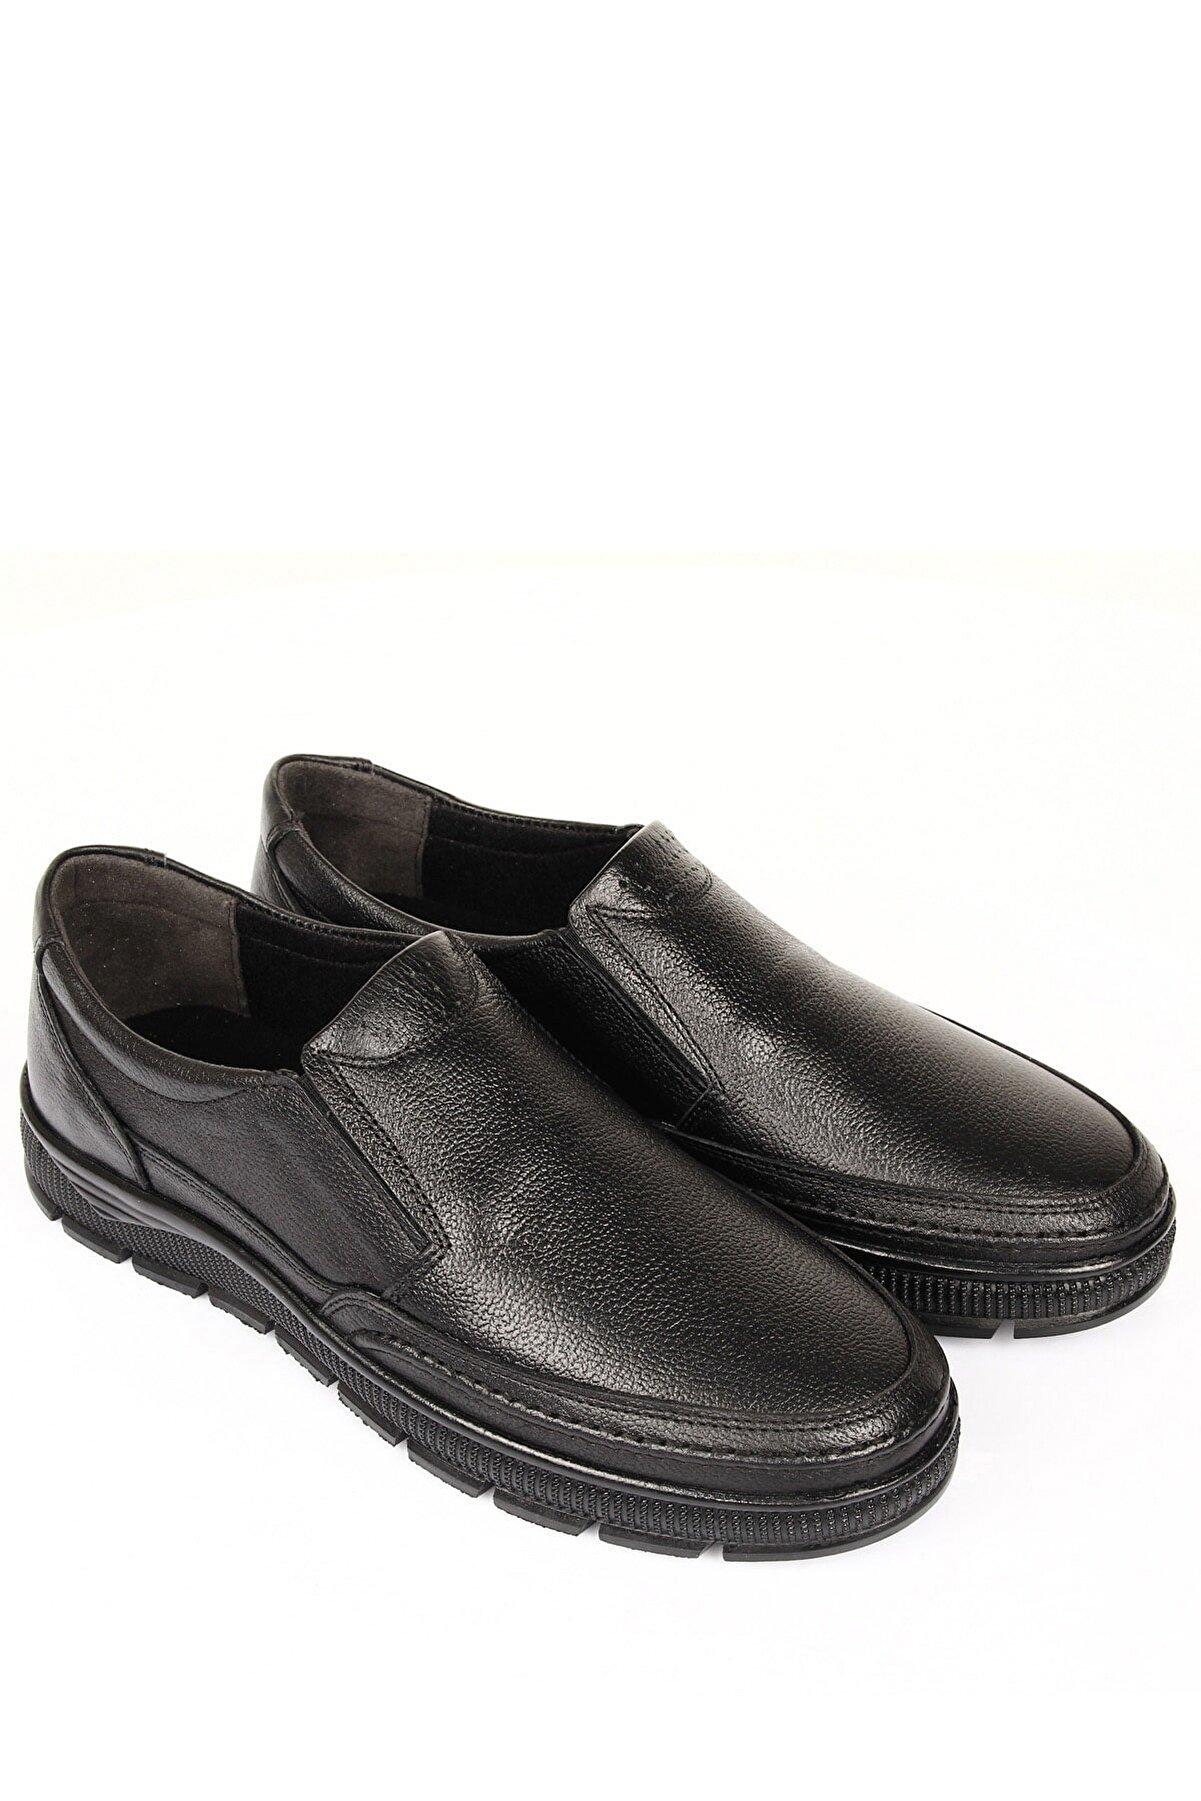 GÖNDERİ(R) Hakiki Deri Siyah Floter Erkek Günlük (Casual) Ayakkabı 01312